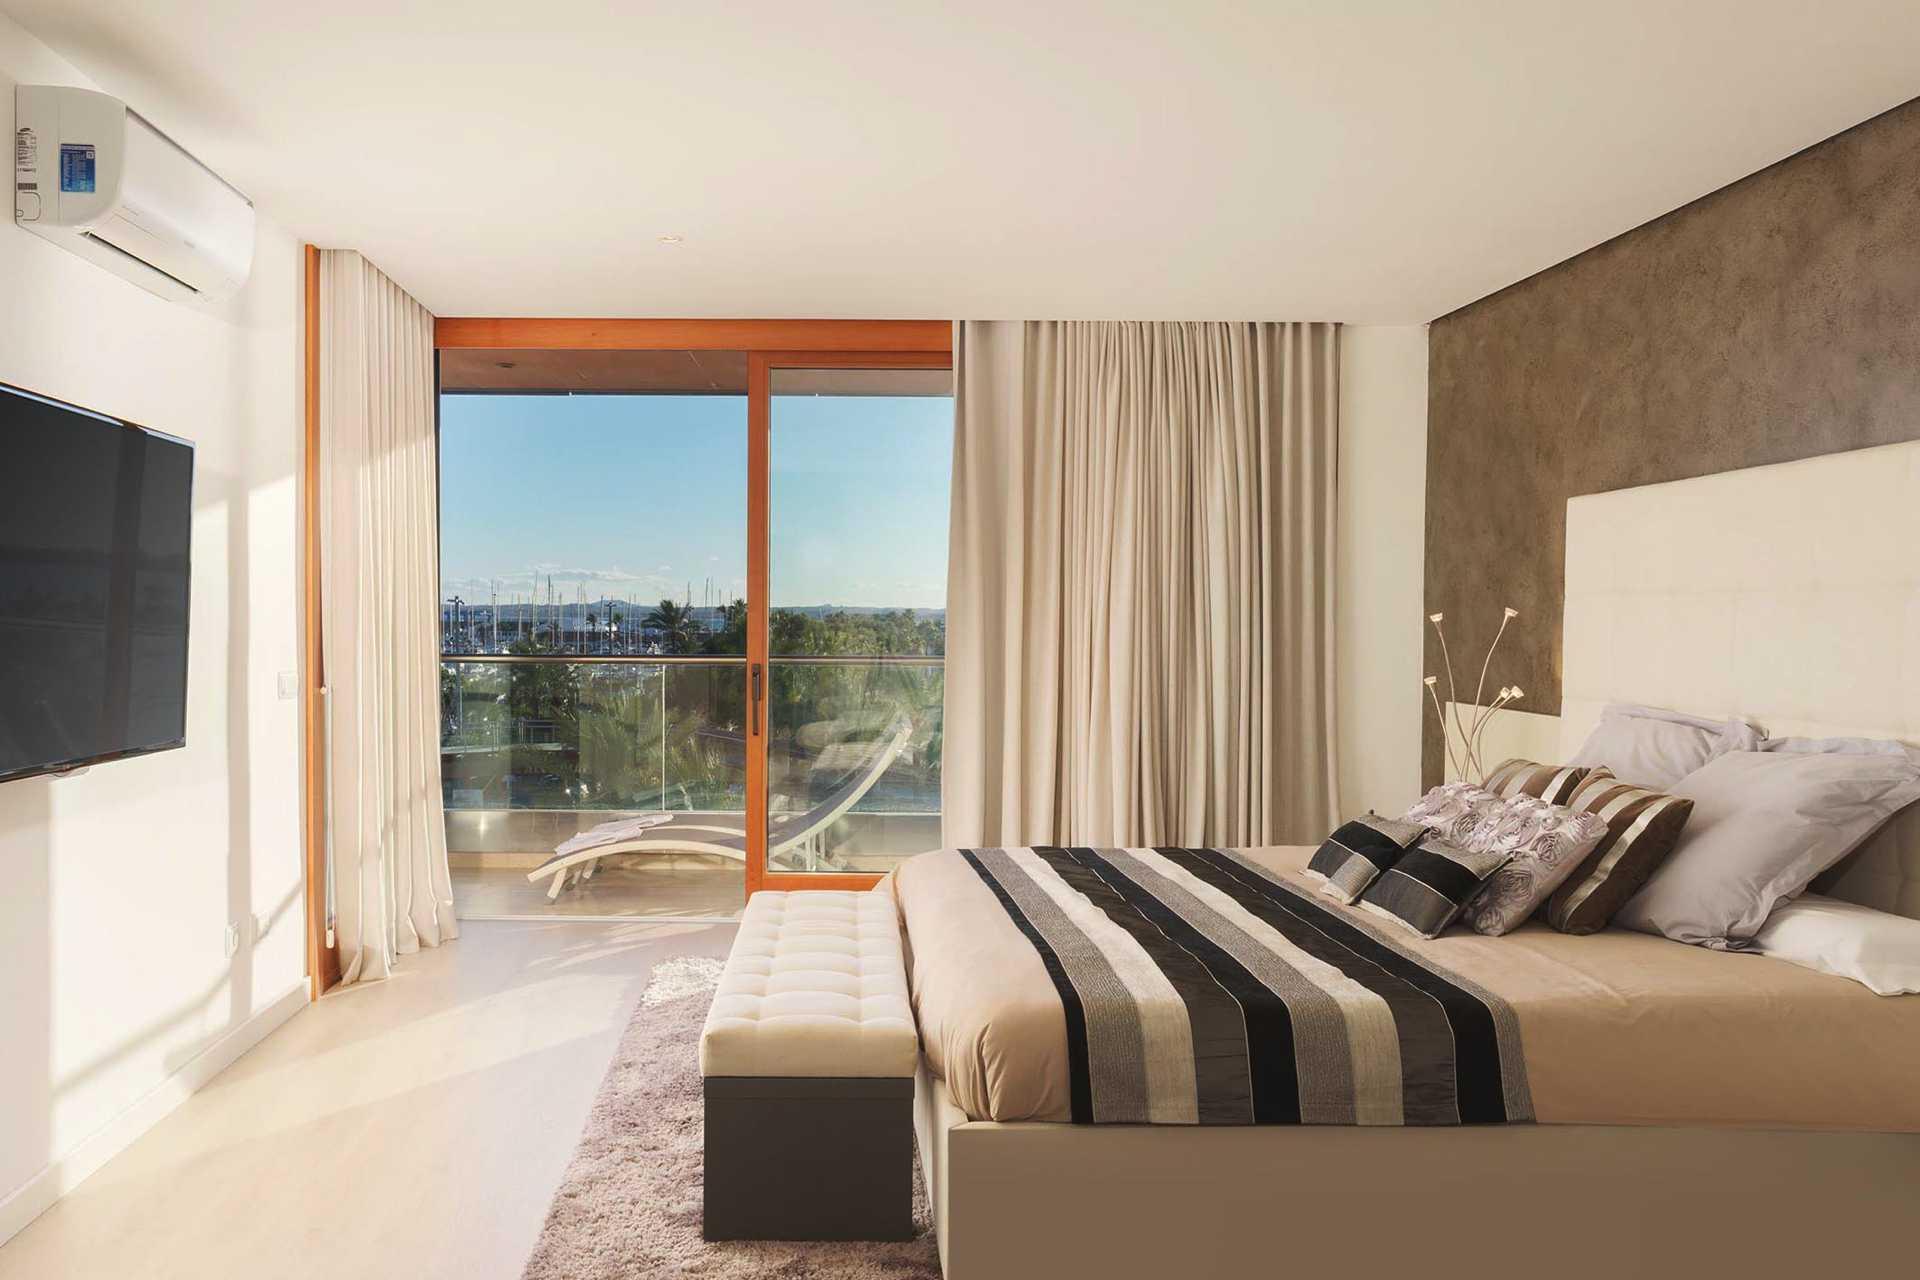 01-291 exclusive apartment Mallorca north Bild 18